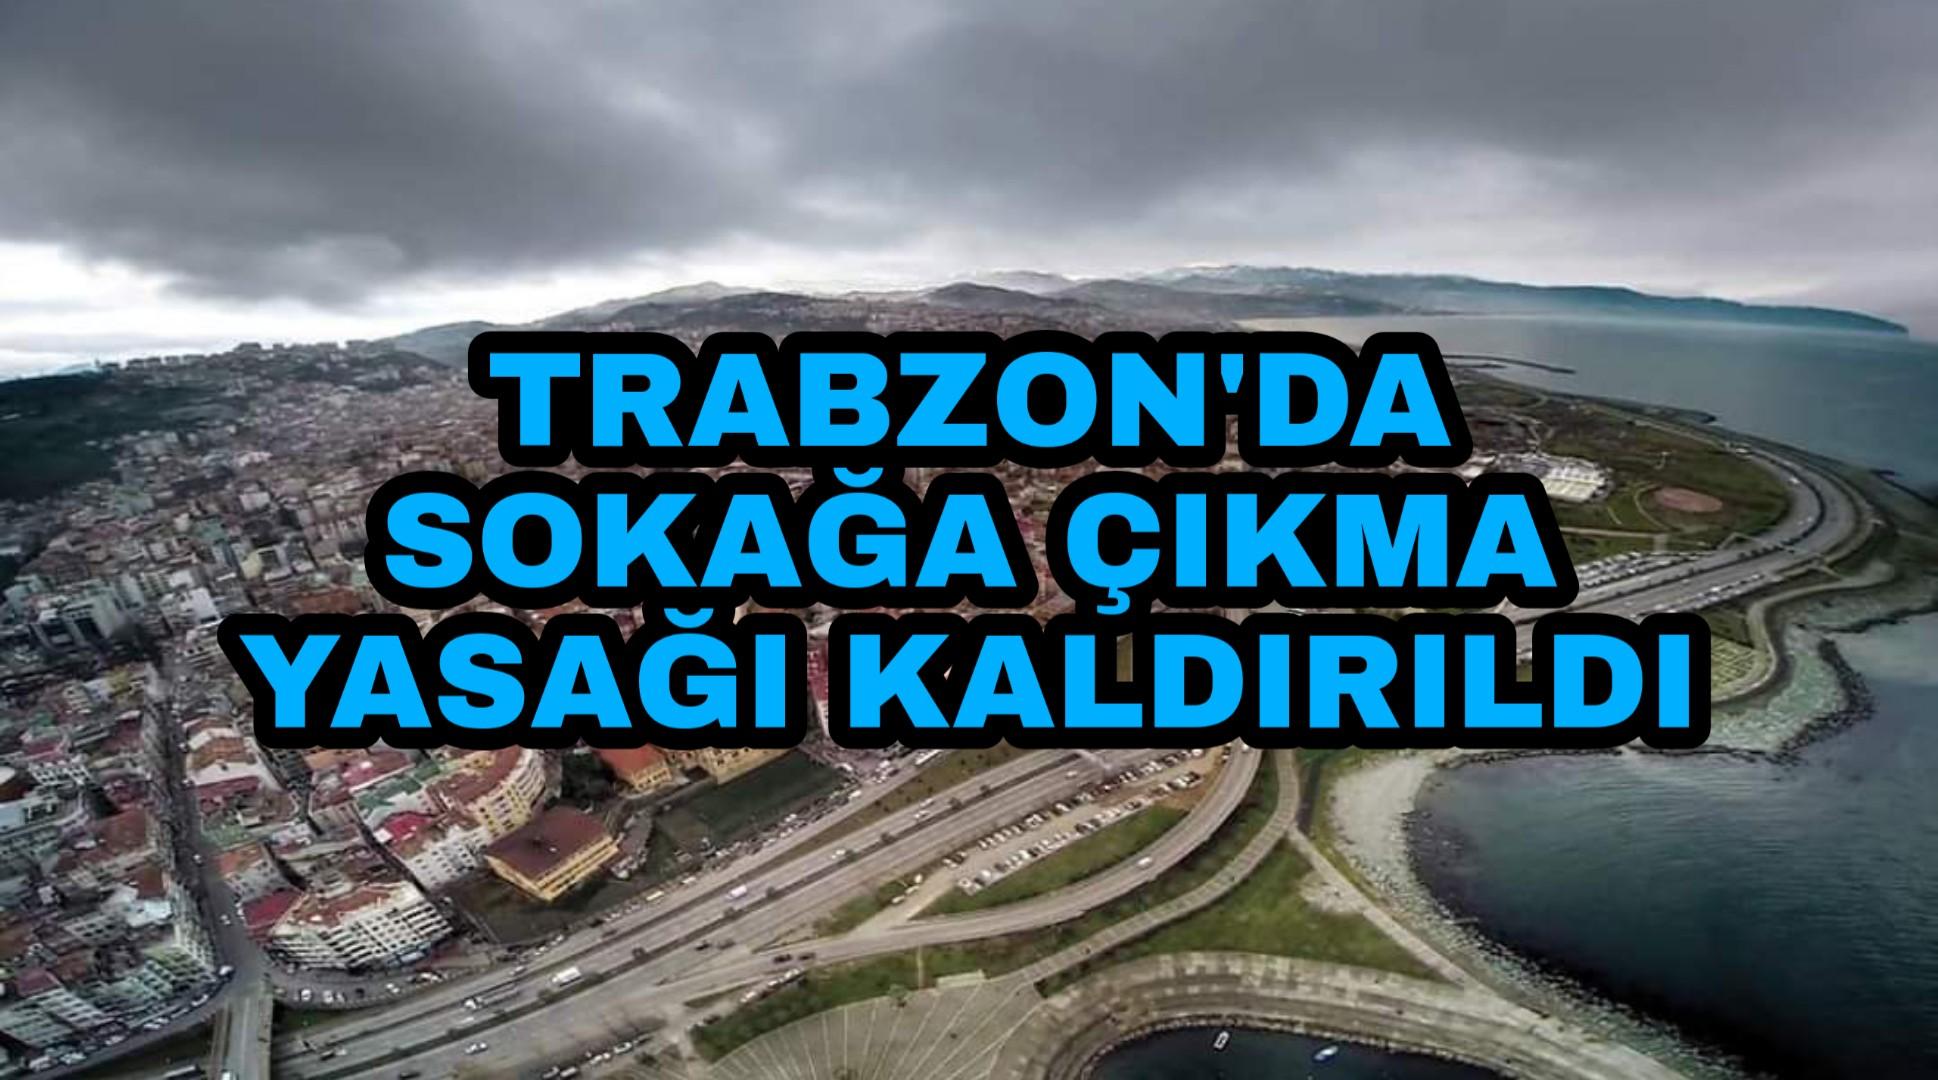 Trabzon Valiliği Açıkladı Hafta sonu Sokağa çıkma yasağı Trabzon'da Yok